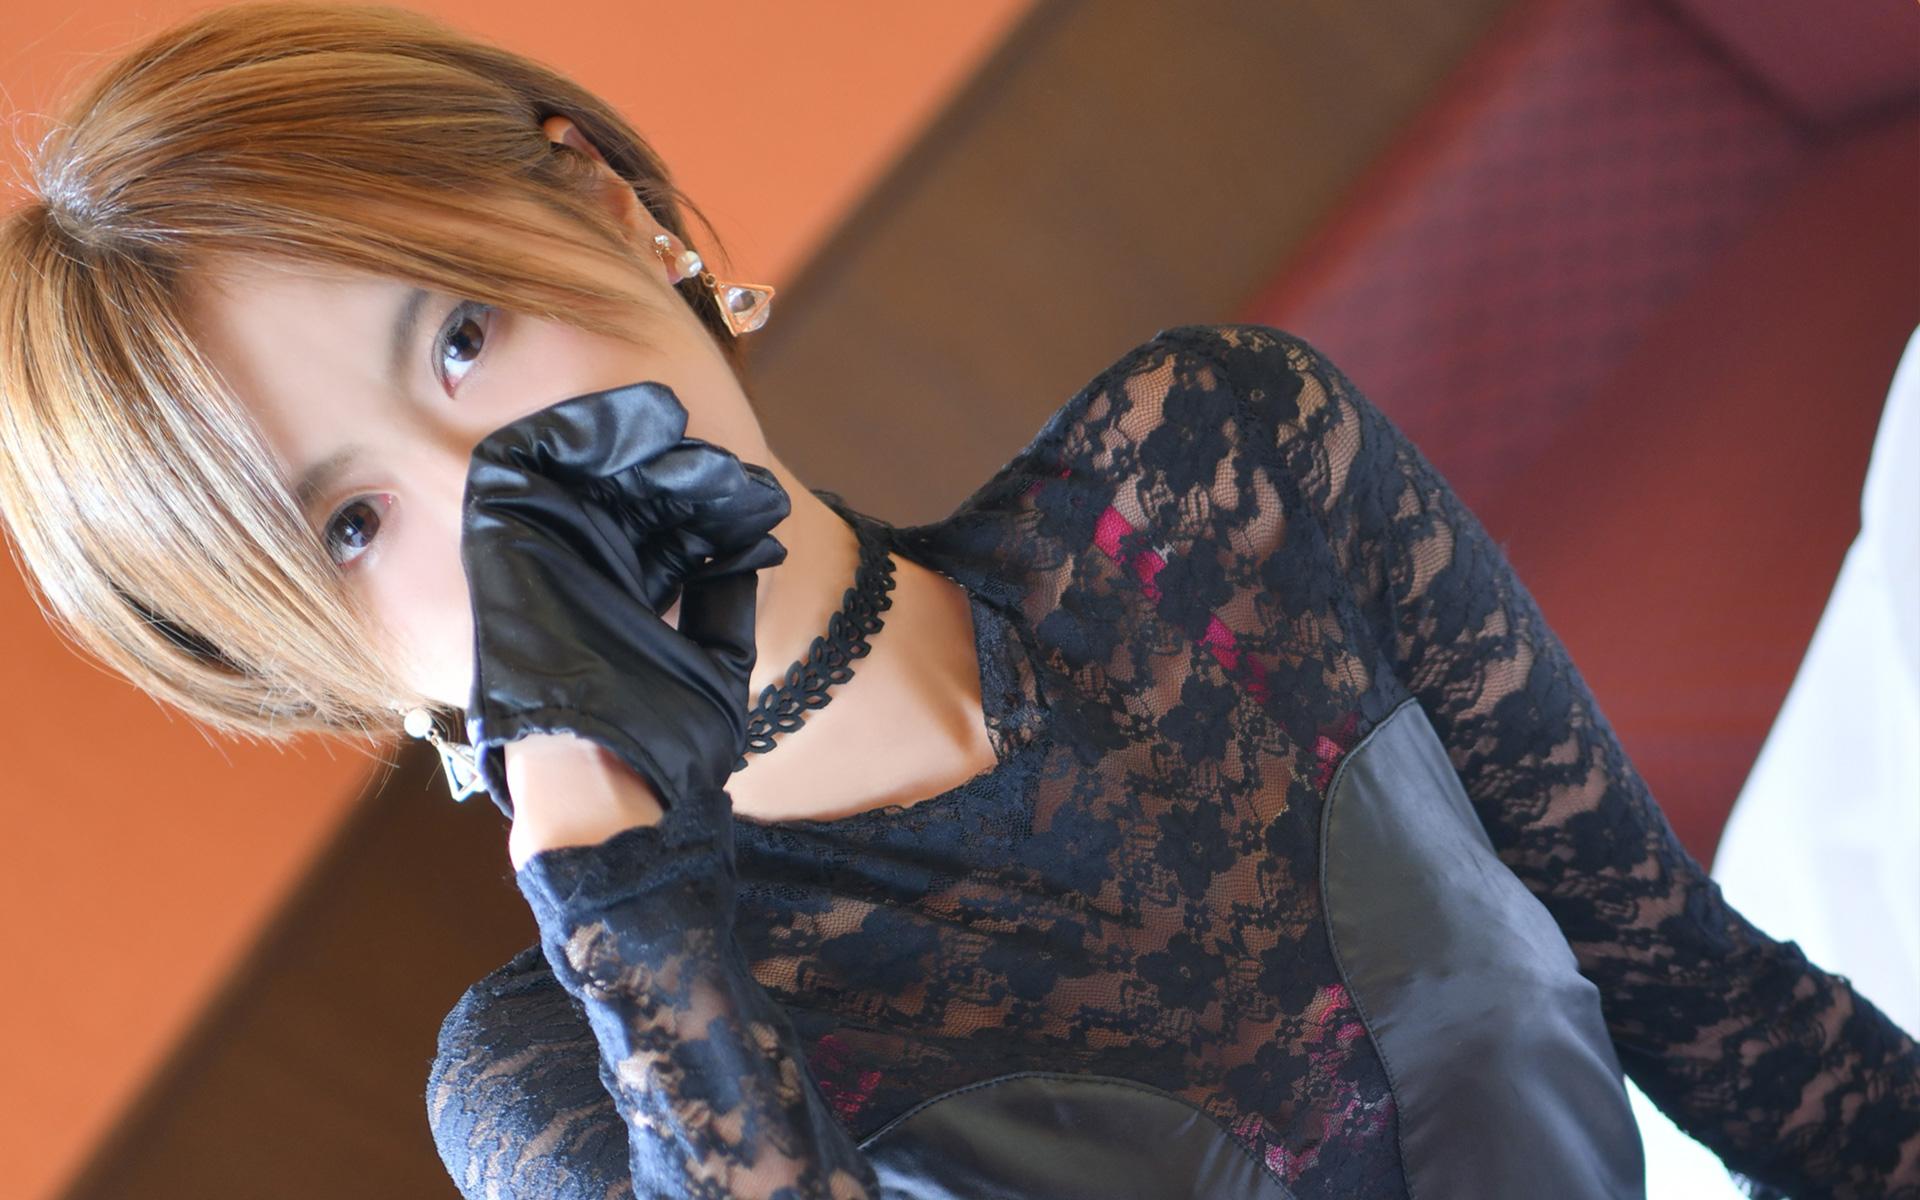 『秘密倶楽部 凛 TOKYO』錦糸町デリヘル 待ち合わせ型 人妻デリバリーヘルスみわ画像